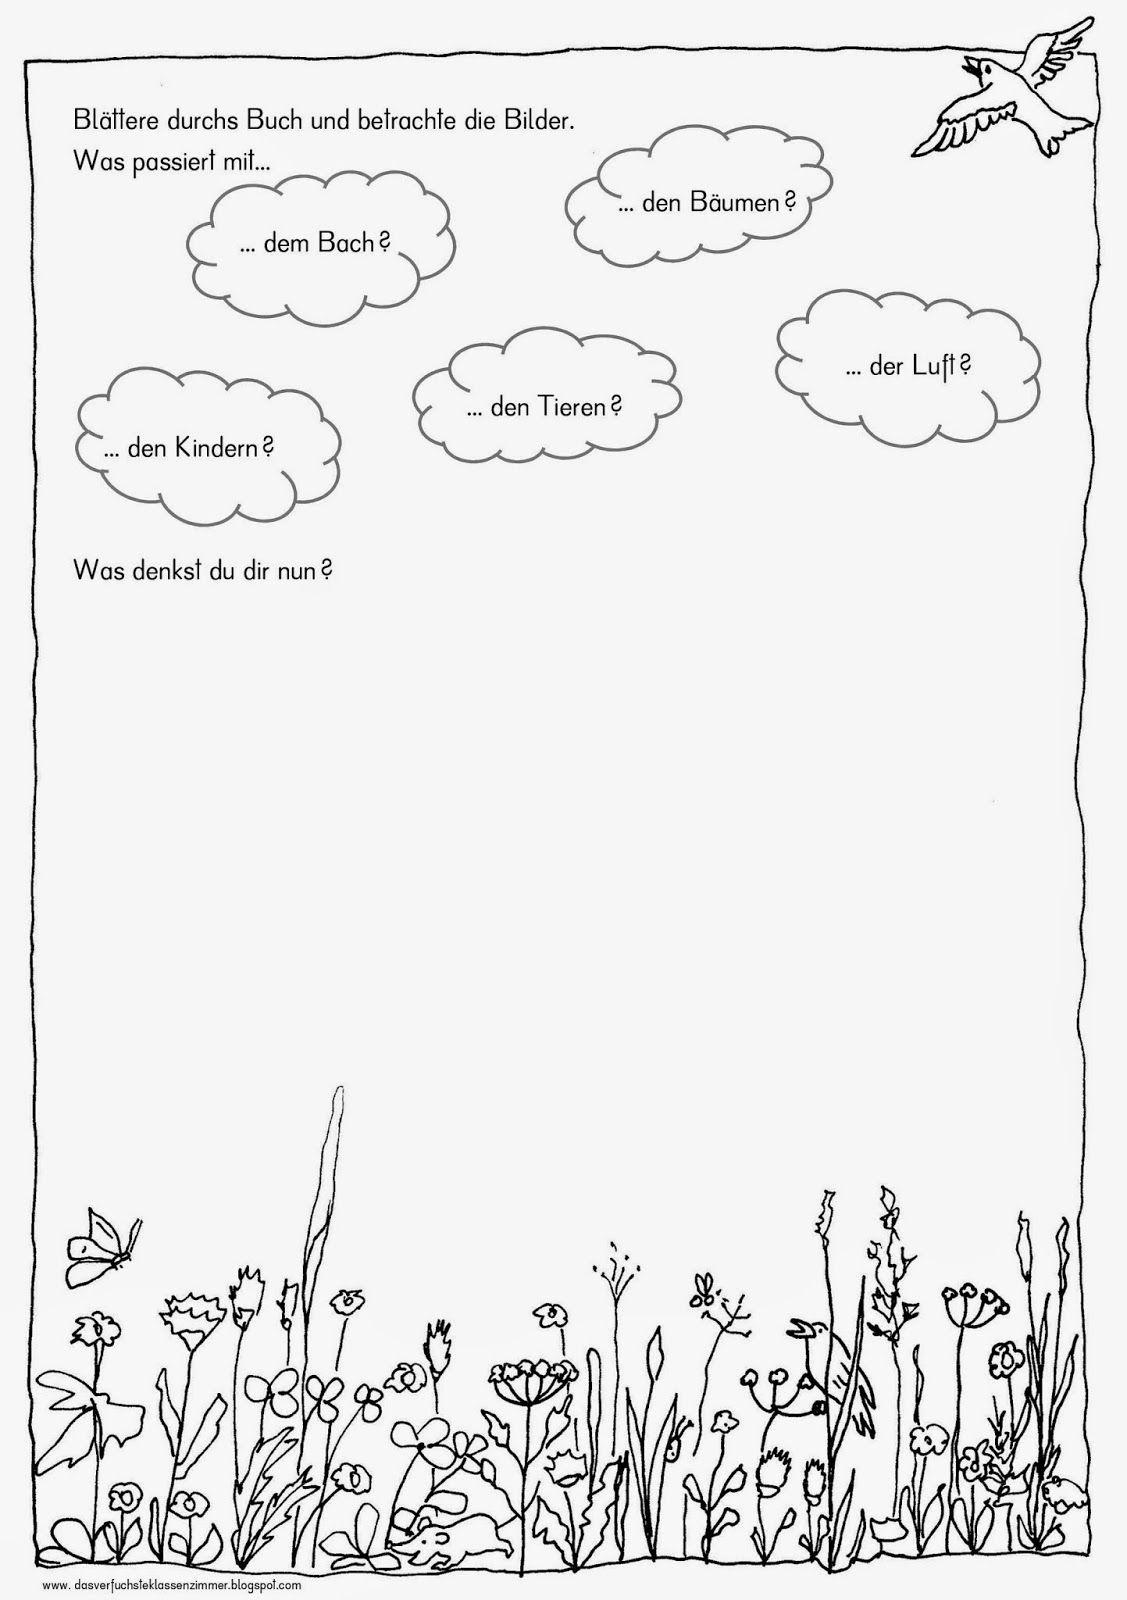 Das verfuchste Klassenzimmer - Arbeitsblatt zum Buch Da ist eine ...